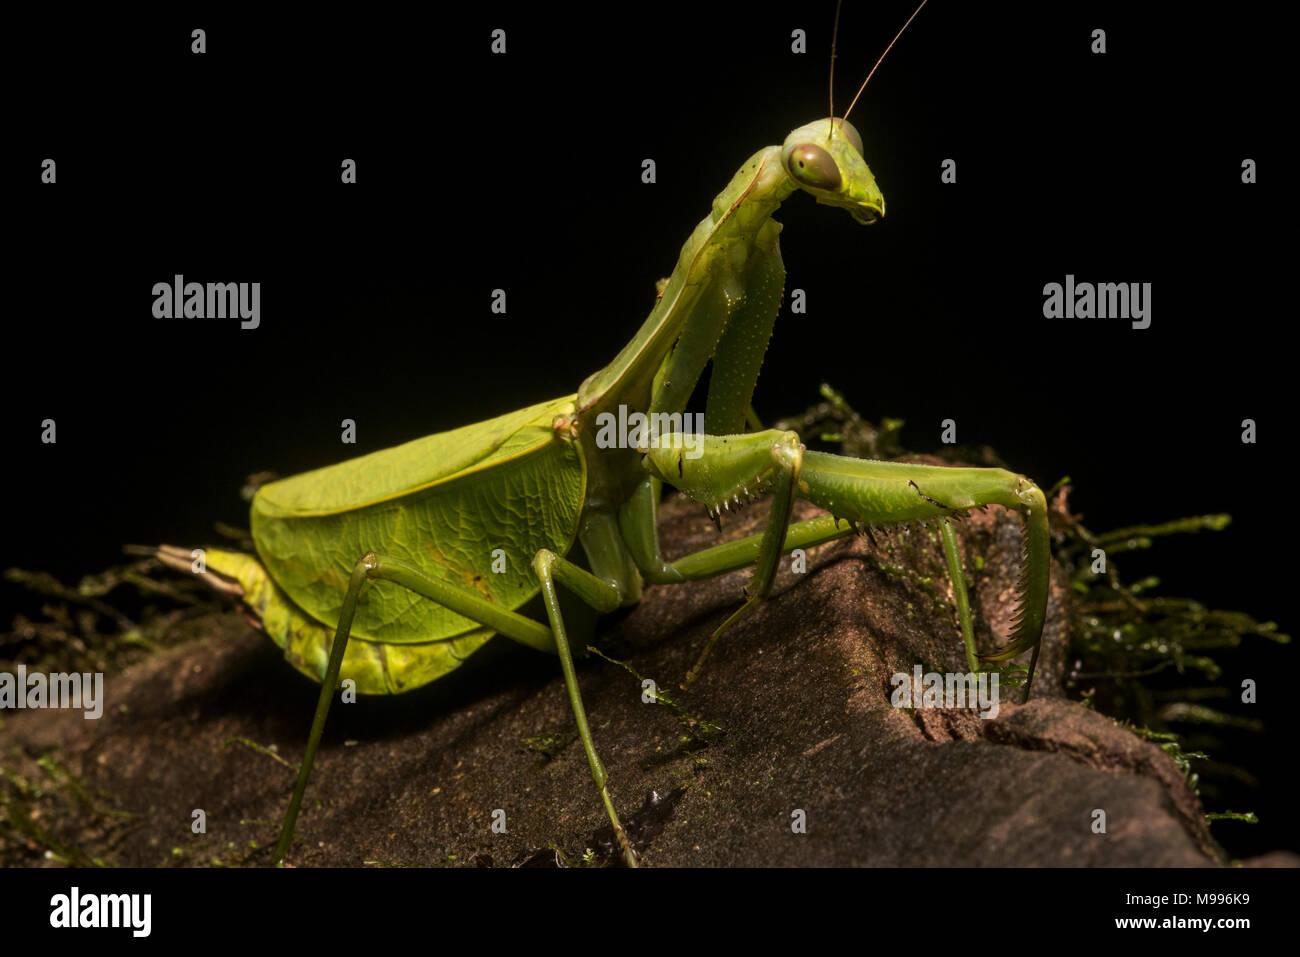 Eine große weibliche Blatt Mantis, einem Pseudoxyops Arten, aus Peru. In der Regel ist es auch unter den Blättern verborgen, aber es war heraus gekrochen auf einem Felsen. Stockbild